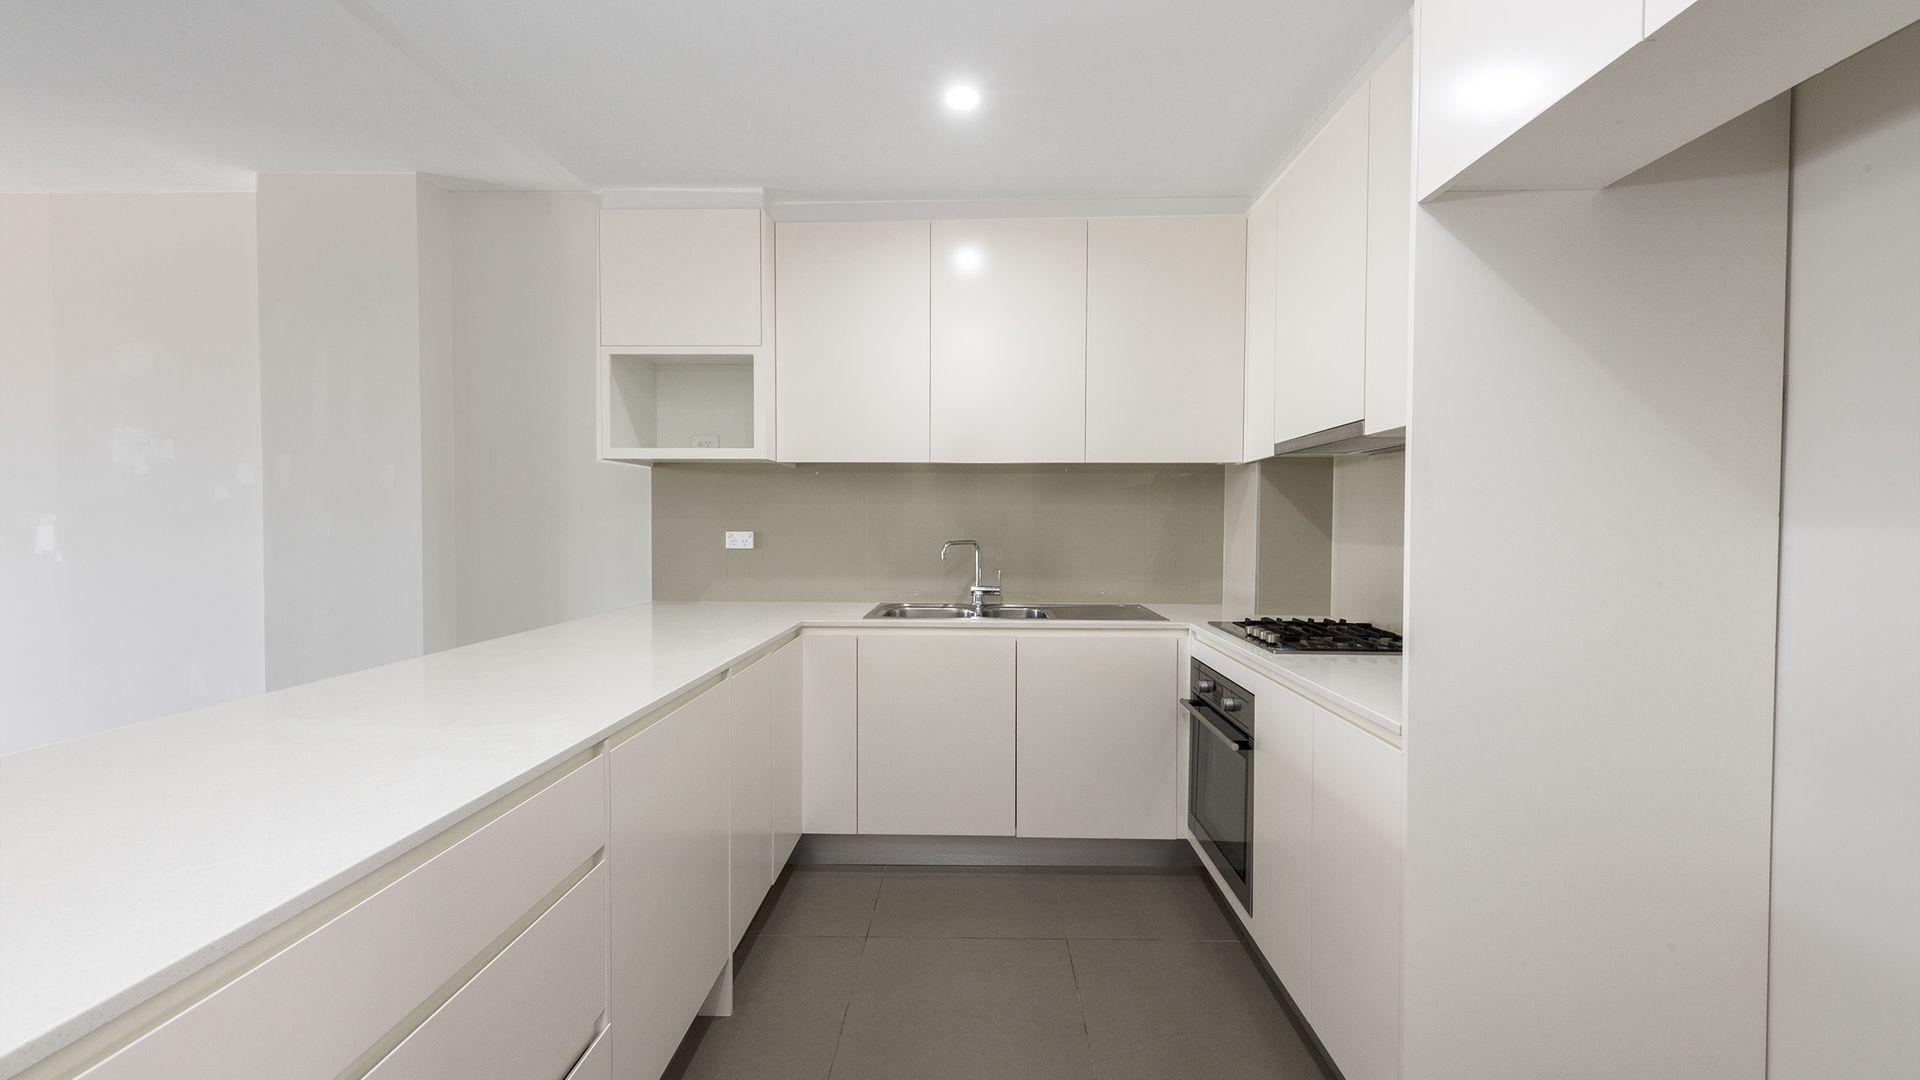 46/2-10 Garnet Street, Rockdale NSW 2216, Image 1